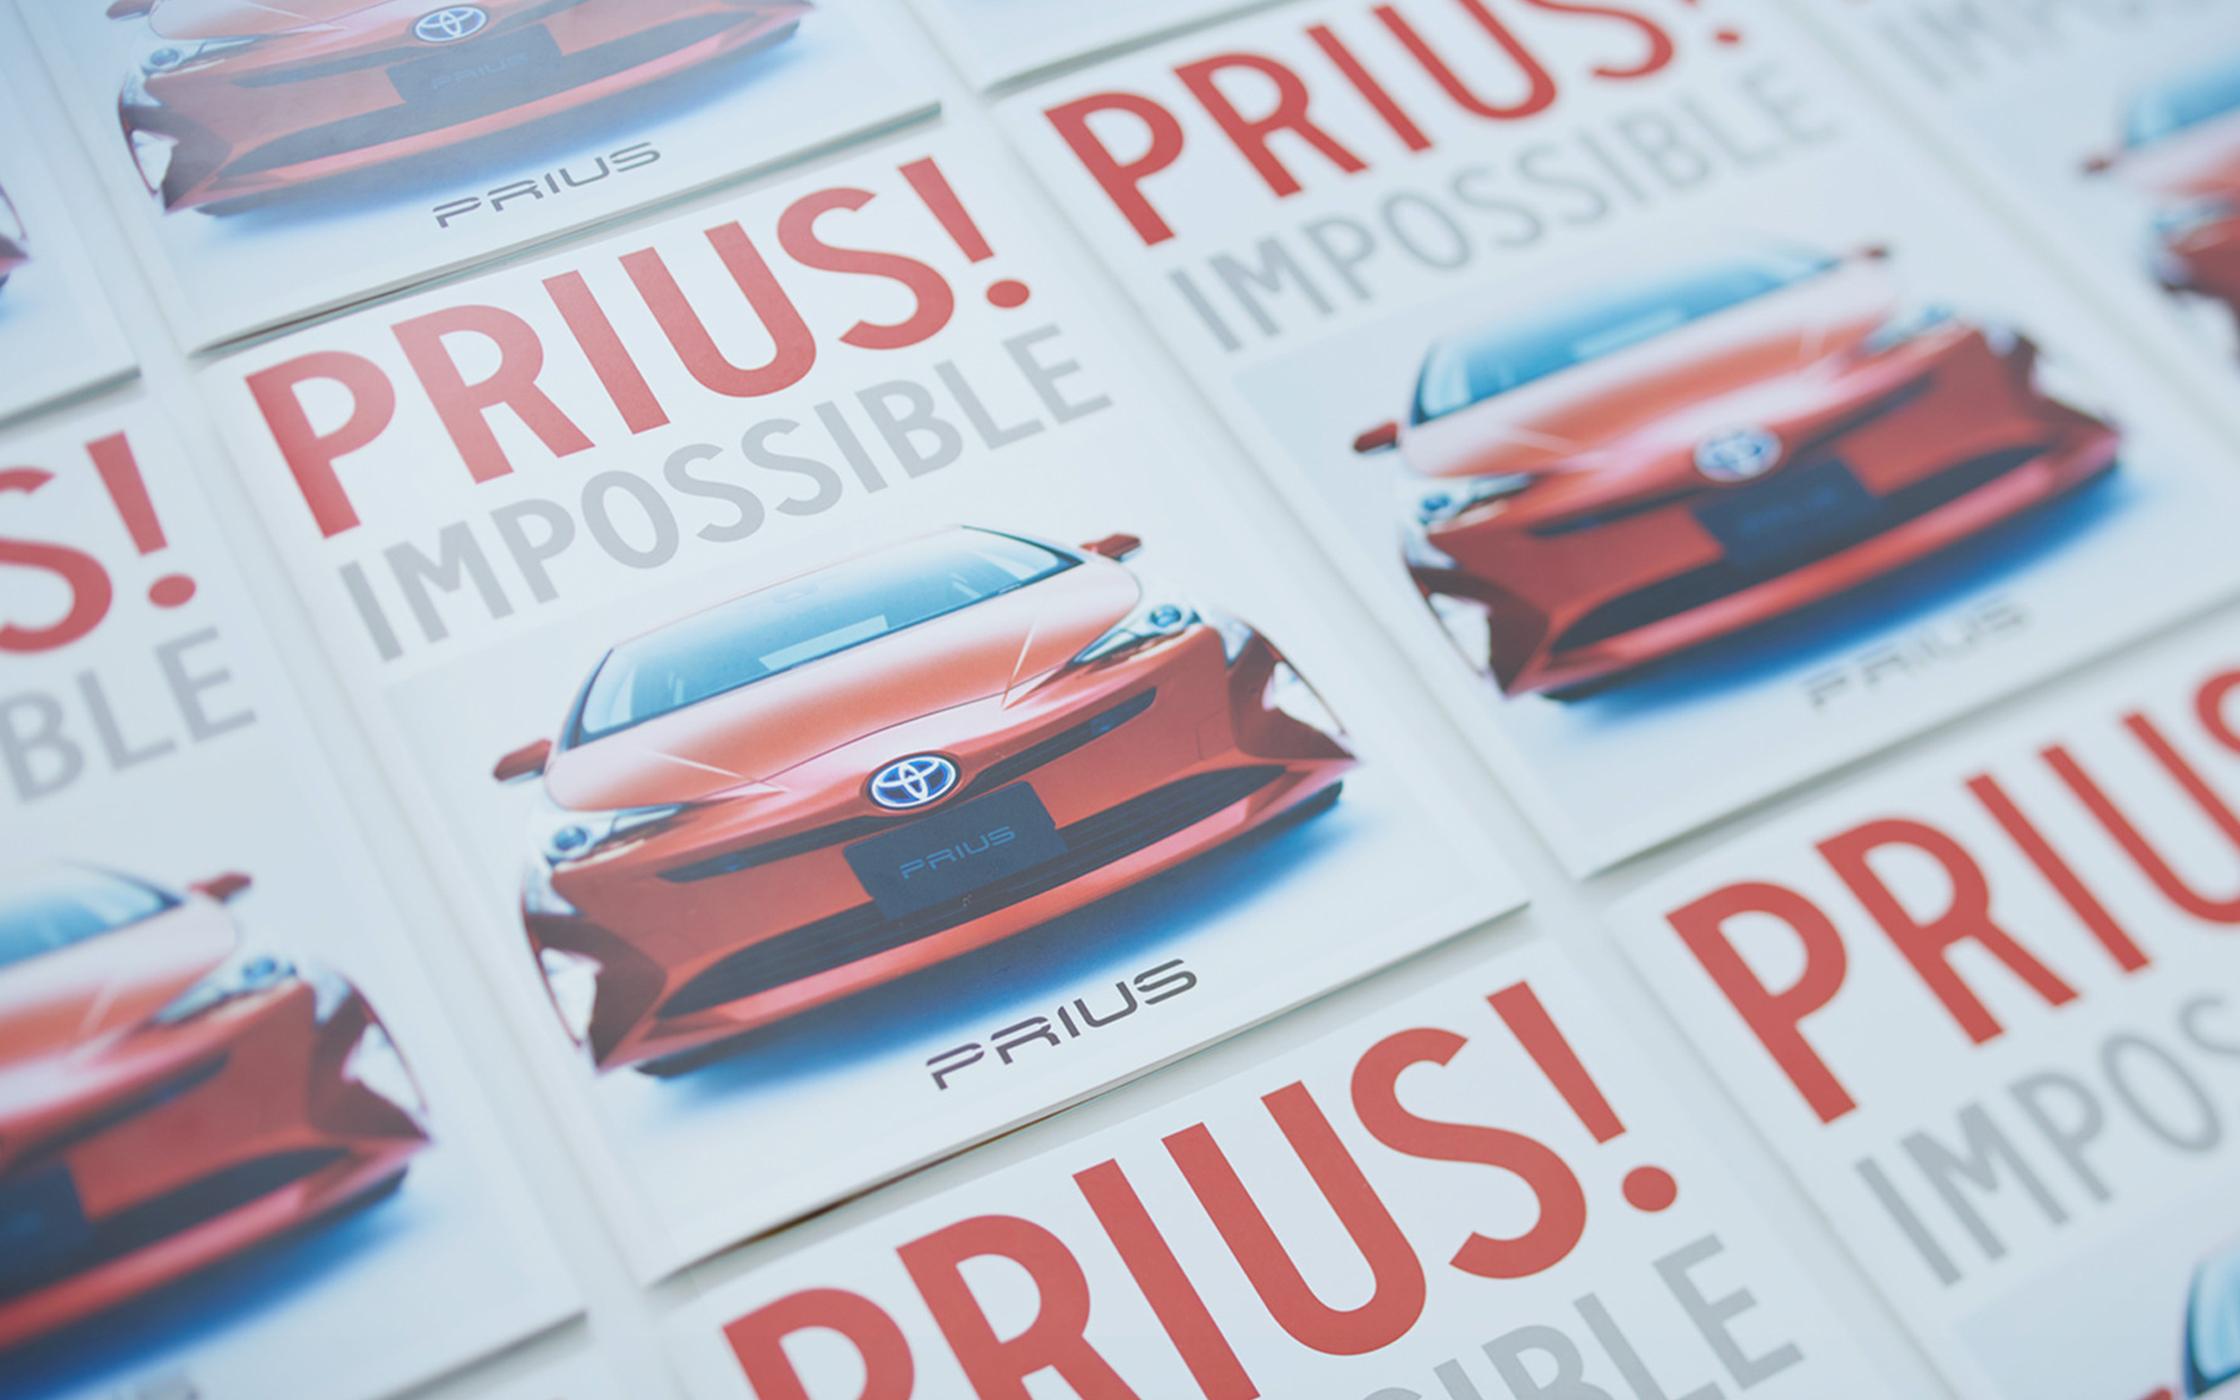 PRIUS产品目录